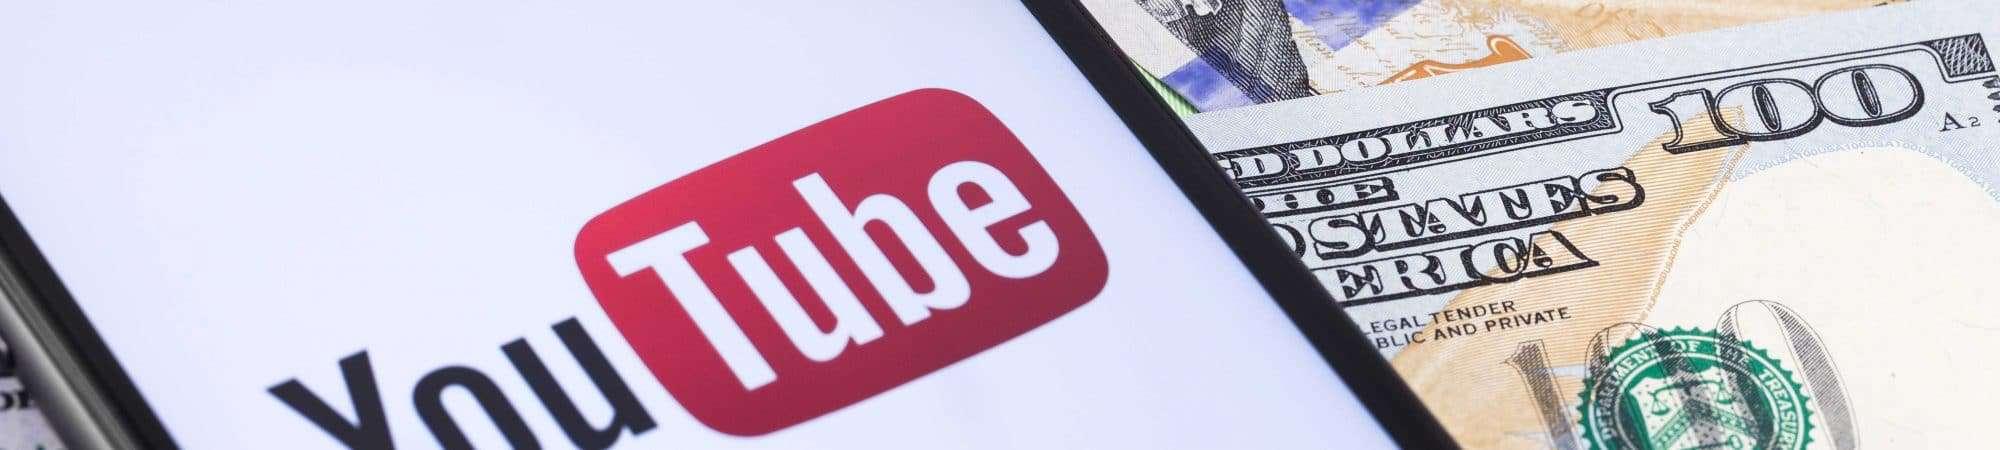 Logo do YouTube sendo exibido em smartphone e notas de dólar ao fundo